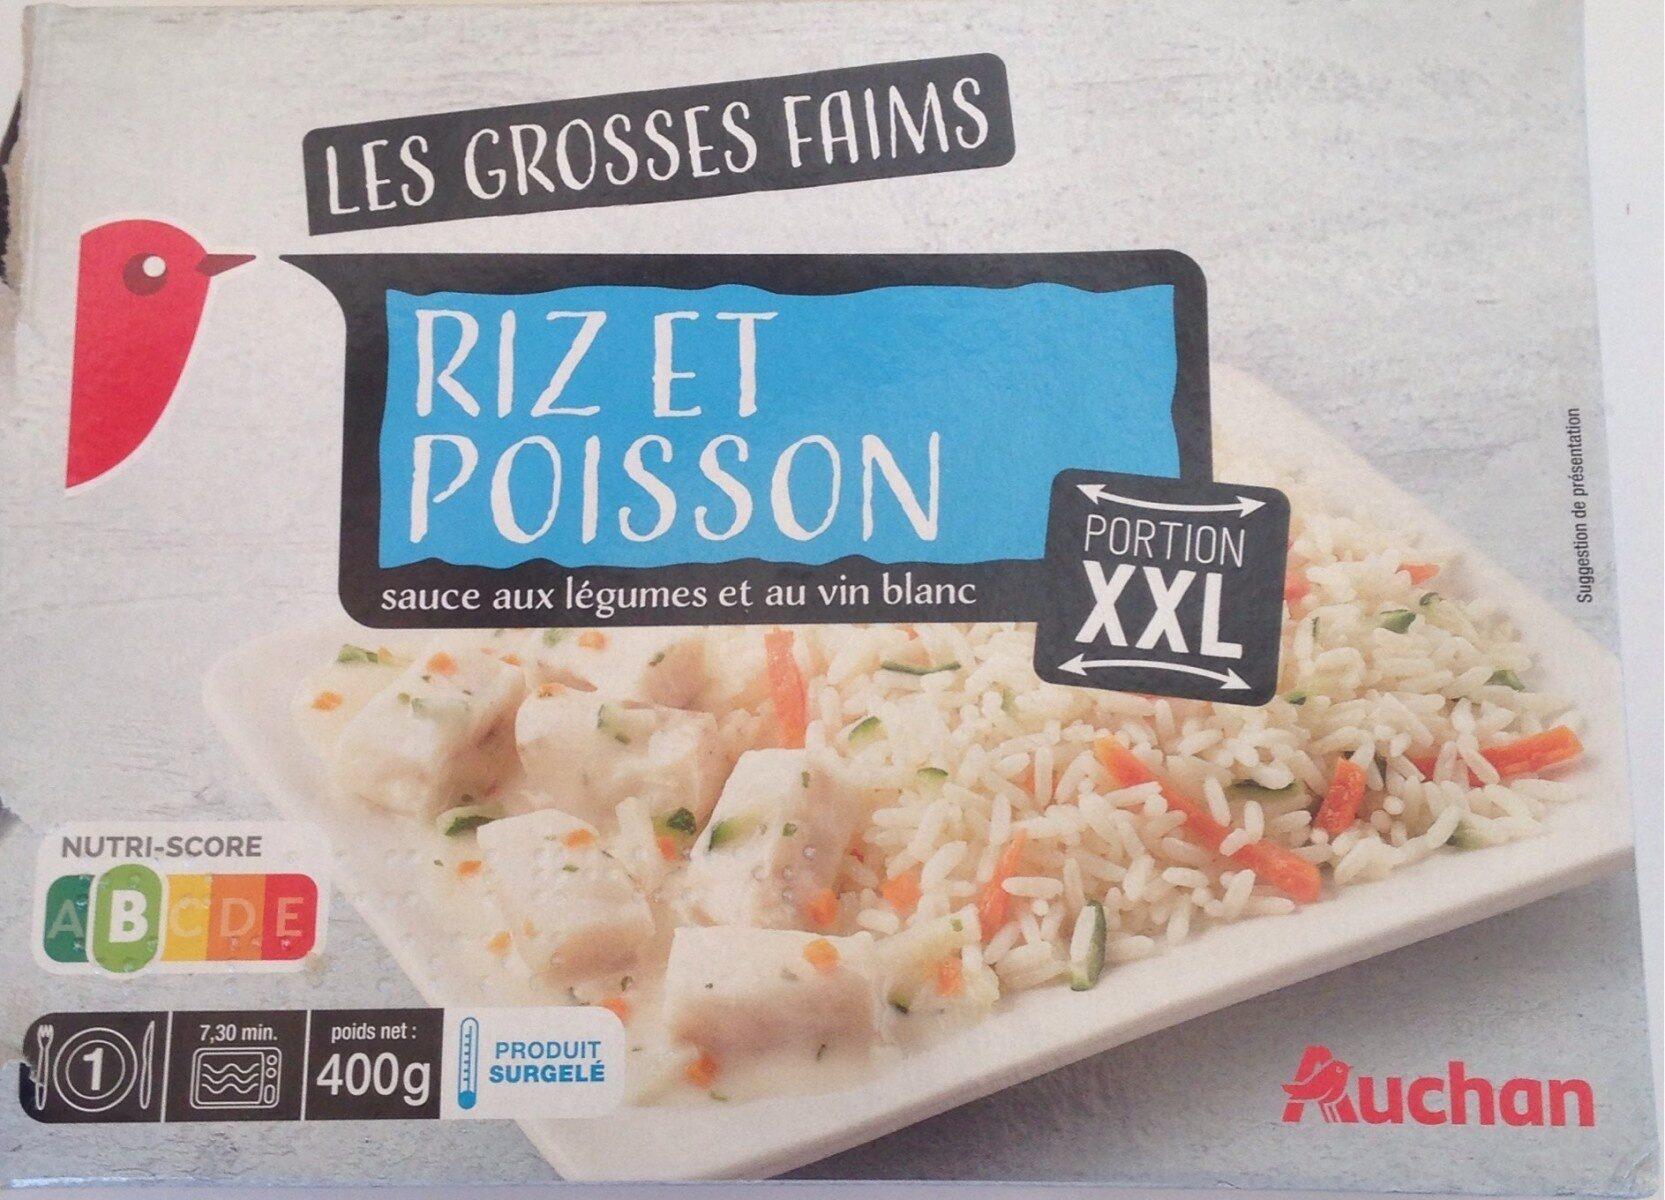 Les grosses faims Riz et poisson - Prodotto - fr